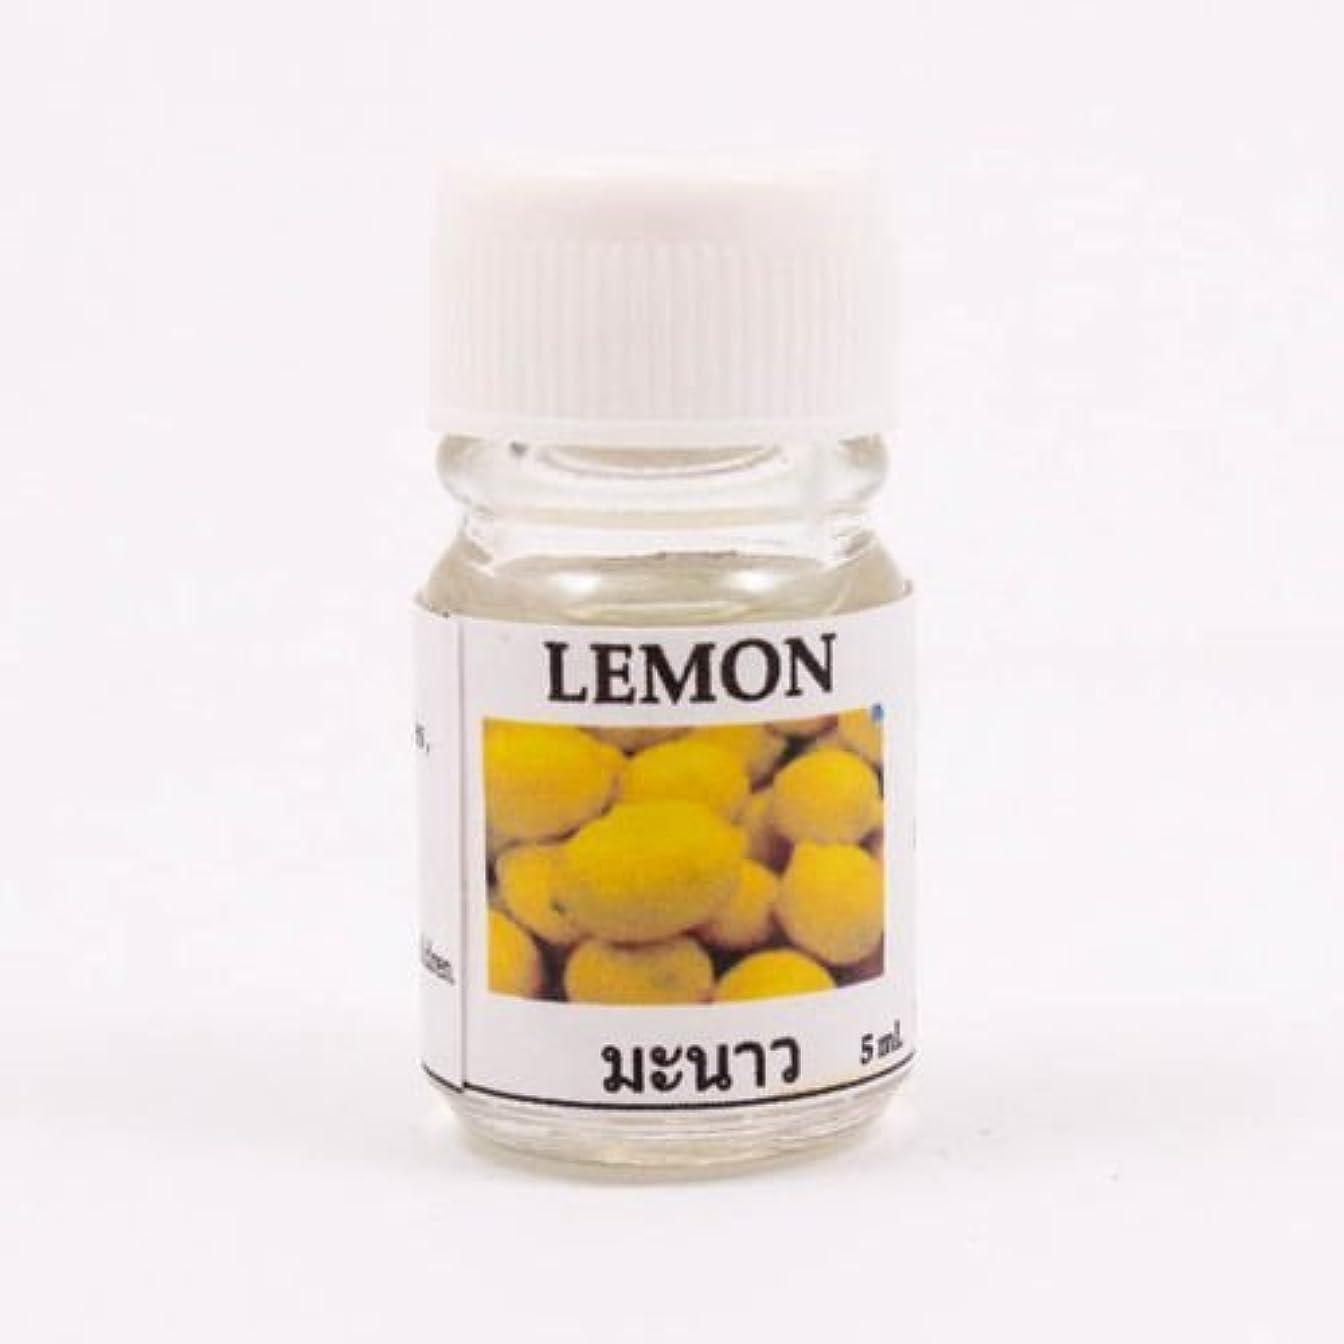 感謝祭パテめんどり6X Lemon Aroma Fragrance Essential Oil 5ML. (cc) Diffuser Burner Therapy